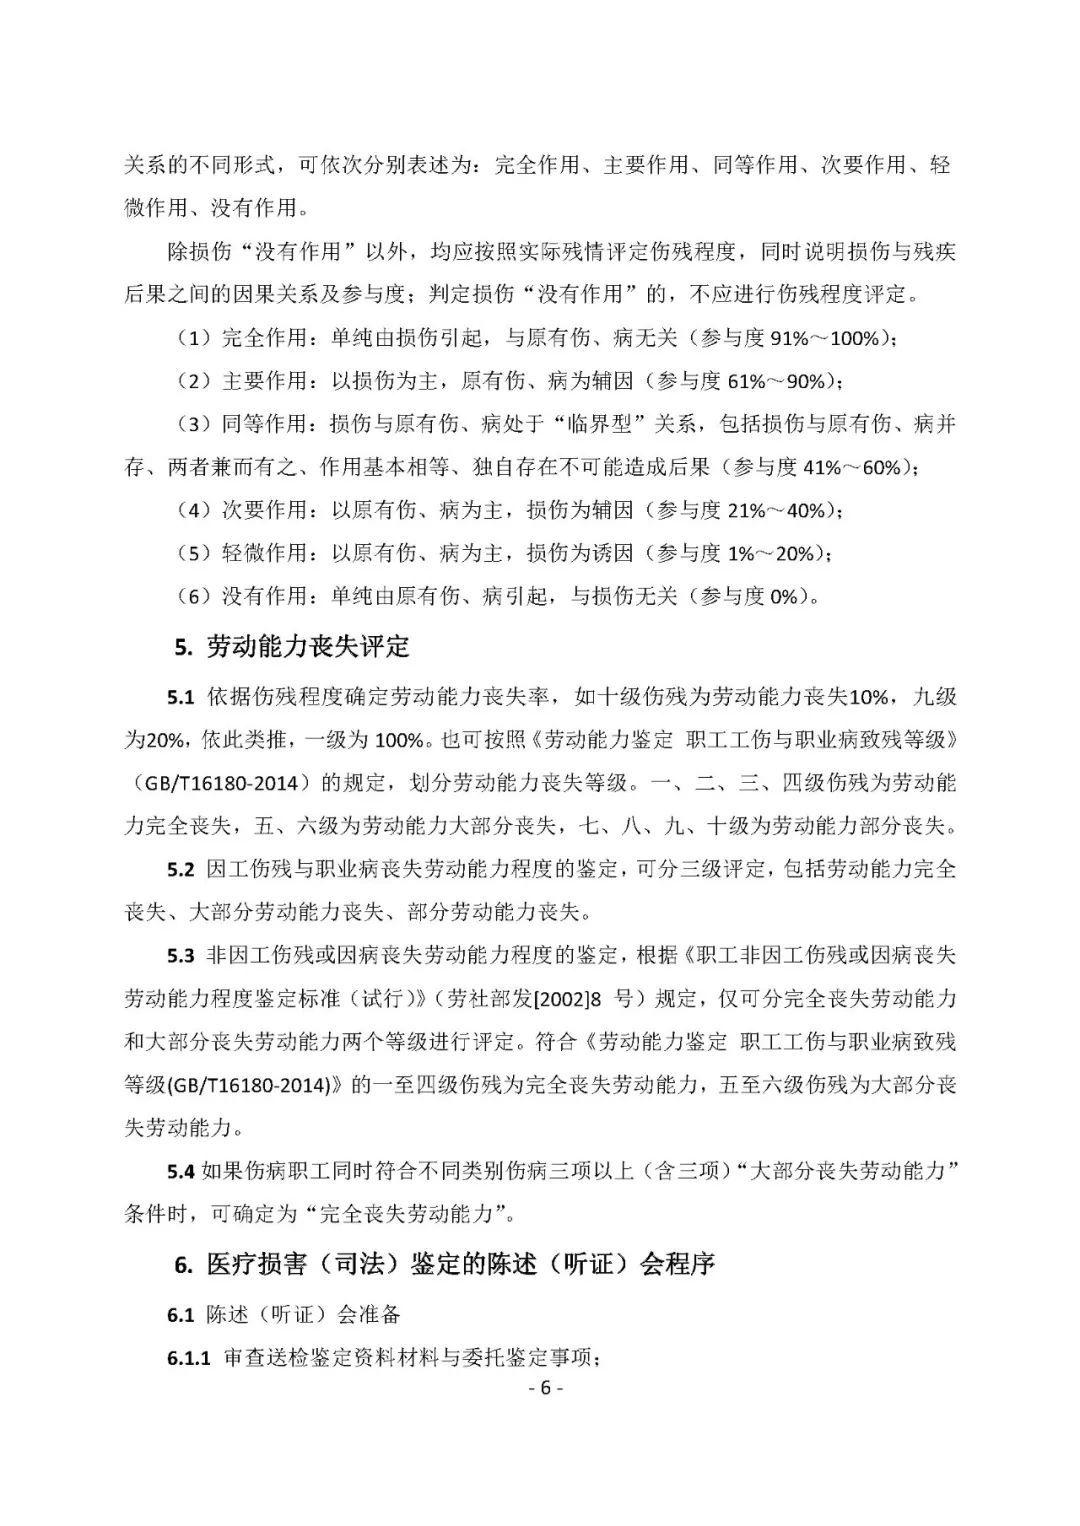 广东省司法鉴定协会 关于发布《法医临床司法鉴定行业指引(修订版)》的通知)》 粤鉴协【2018】31号 6